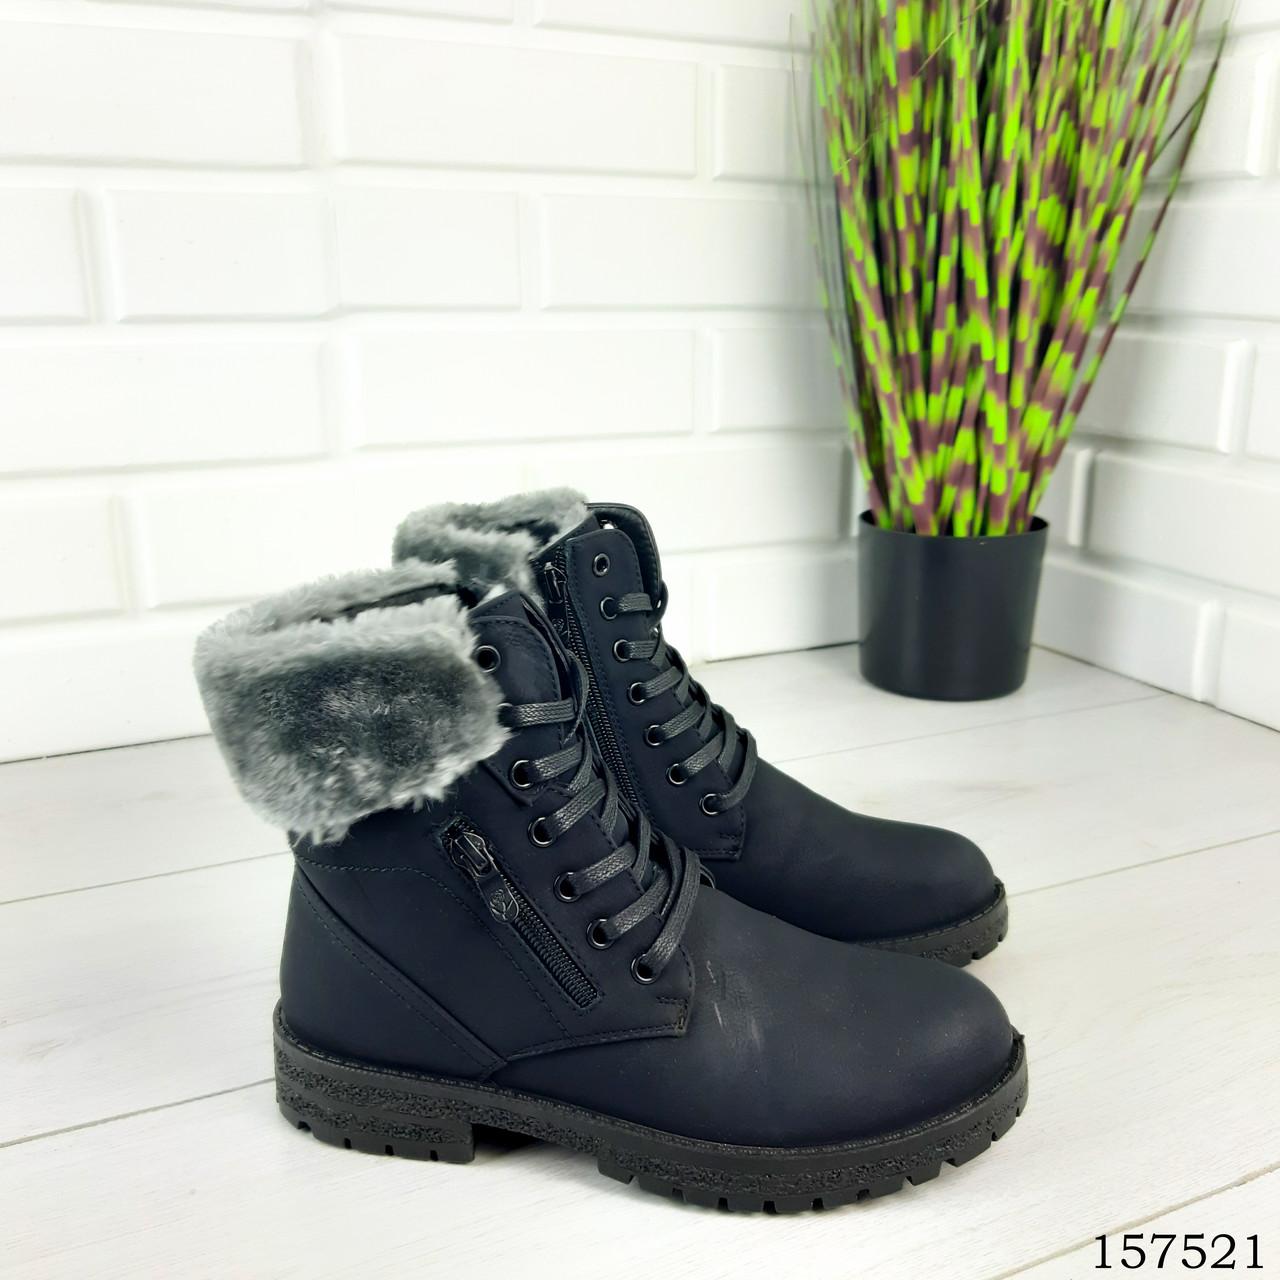 """Ботинки подростковые, черные на шнурках """"Jone"""" эко нубук. Ботинки зимние. Ботинки детские"""